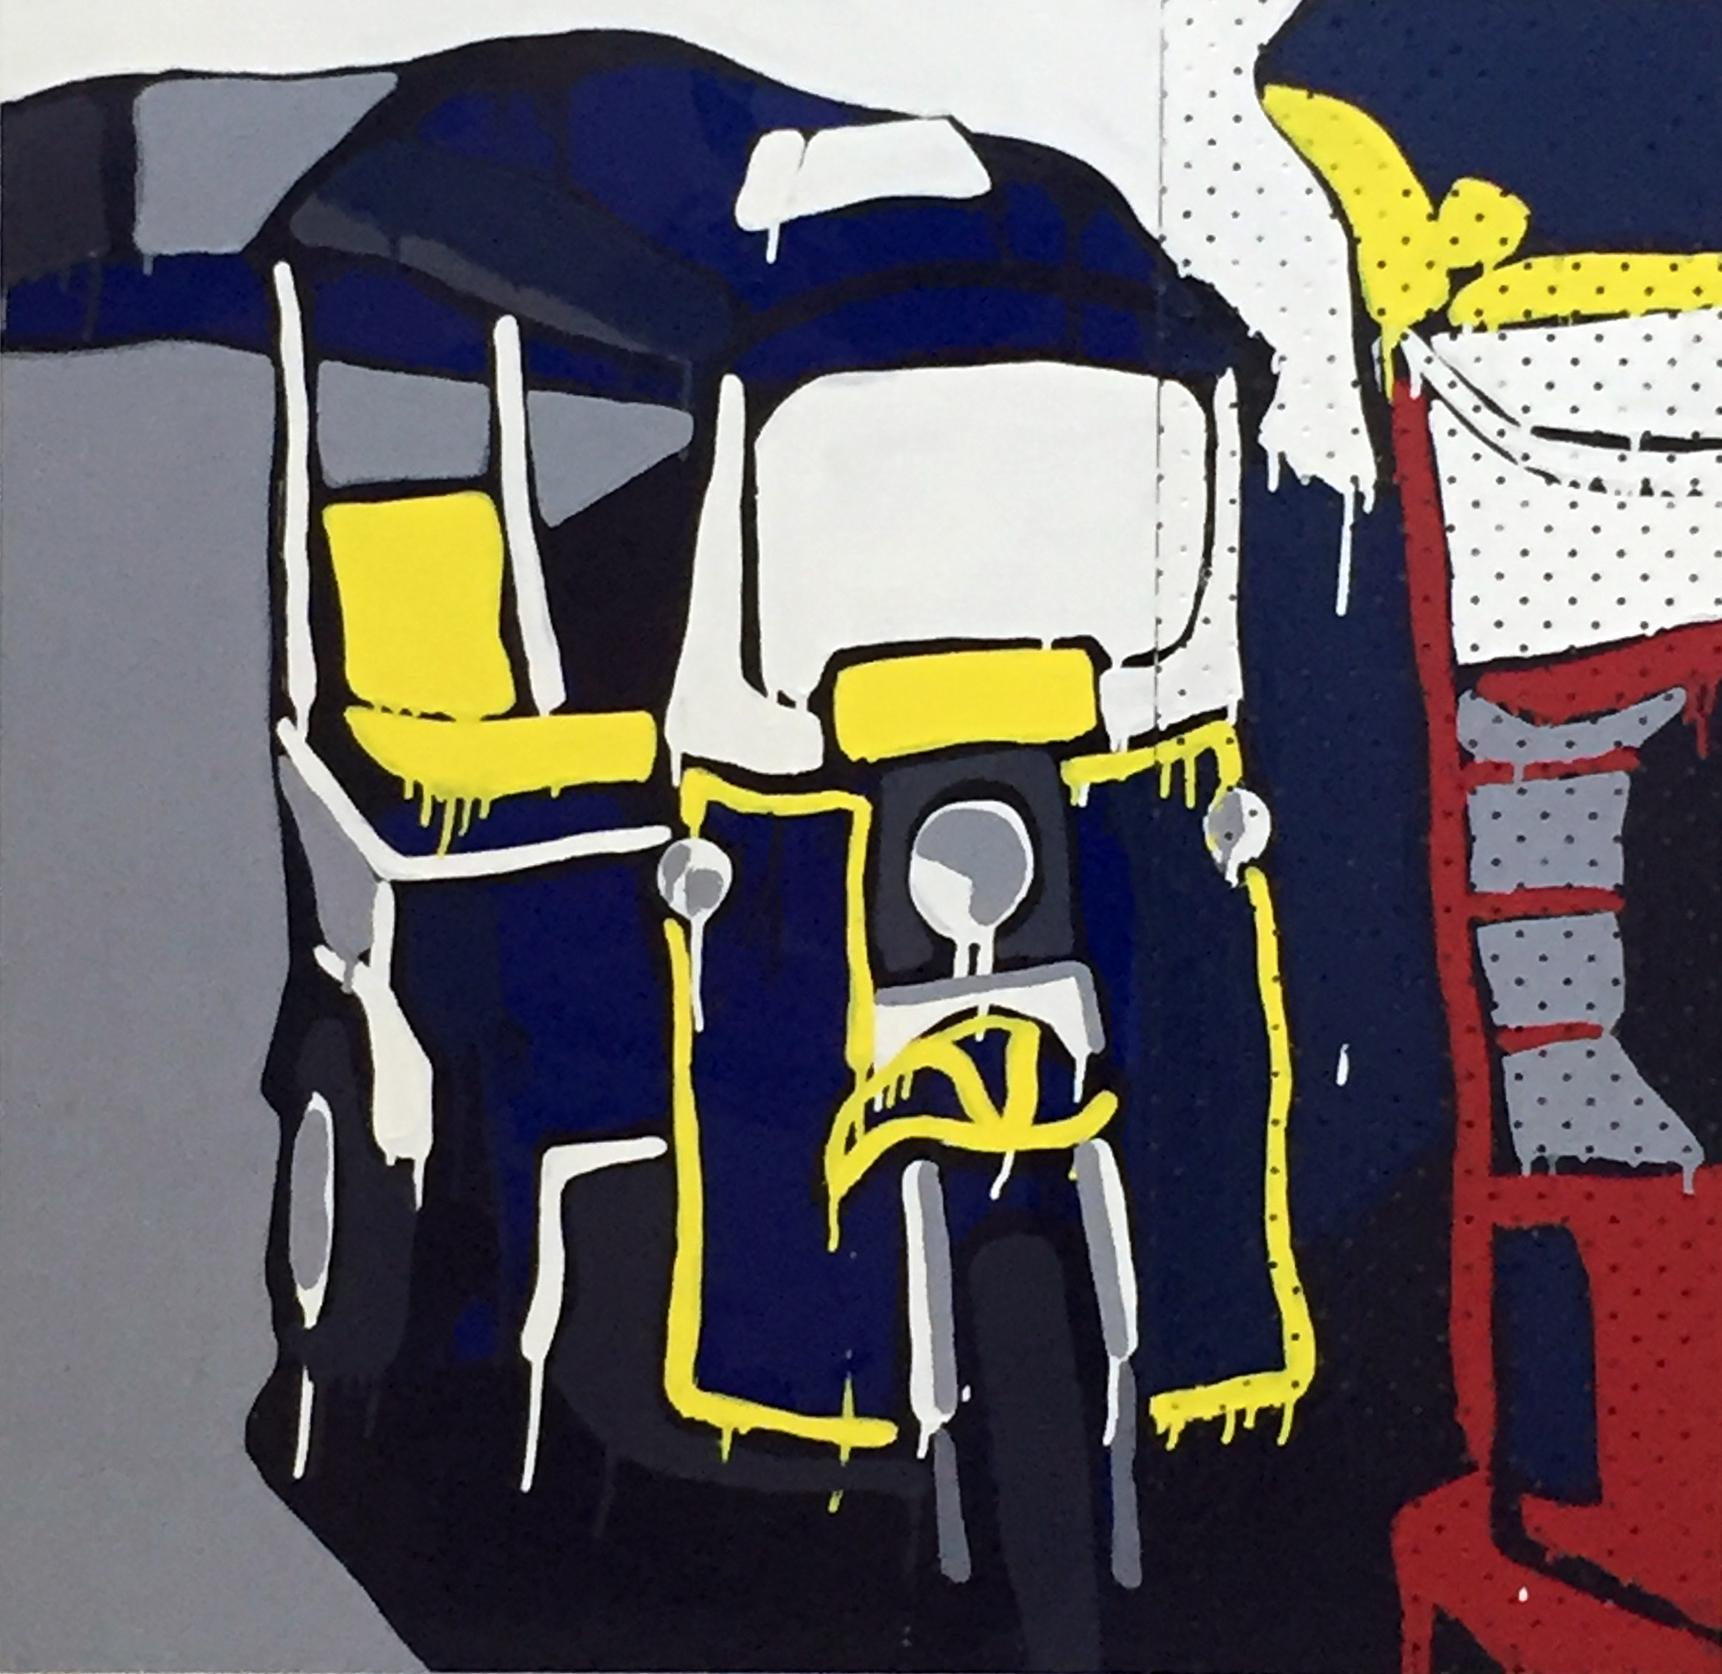 Jasper Knight, Tuk Tuk No. 2 90 x 90 cm, available